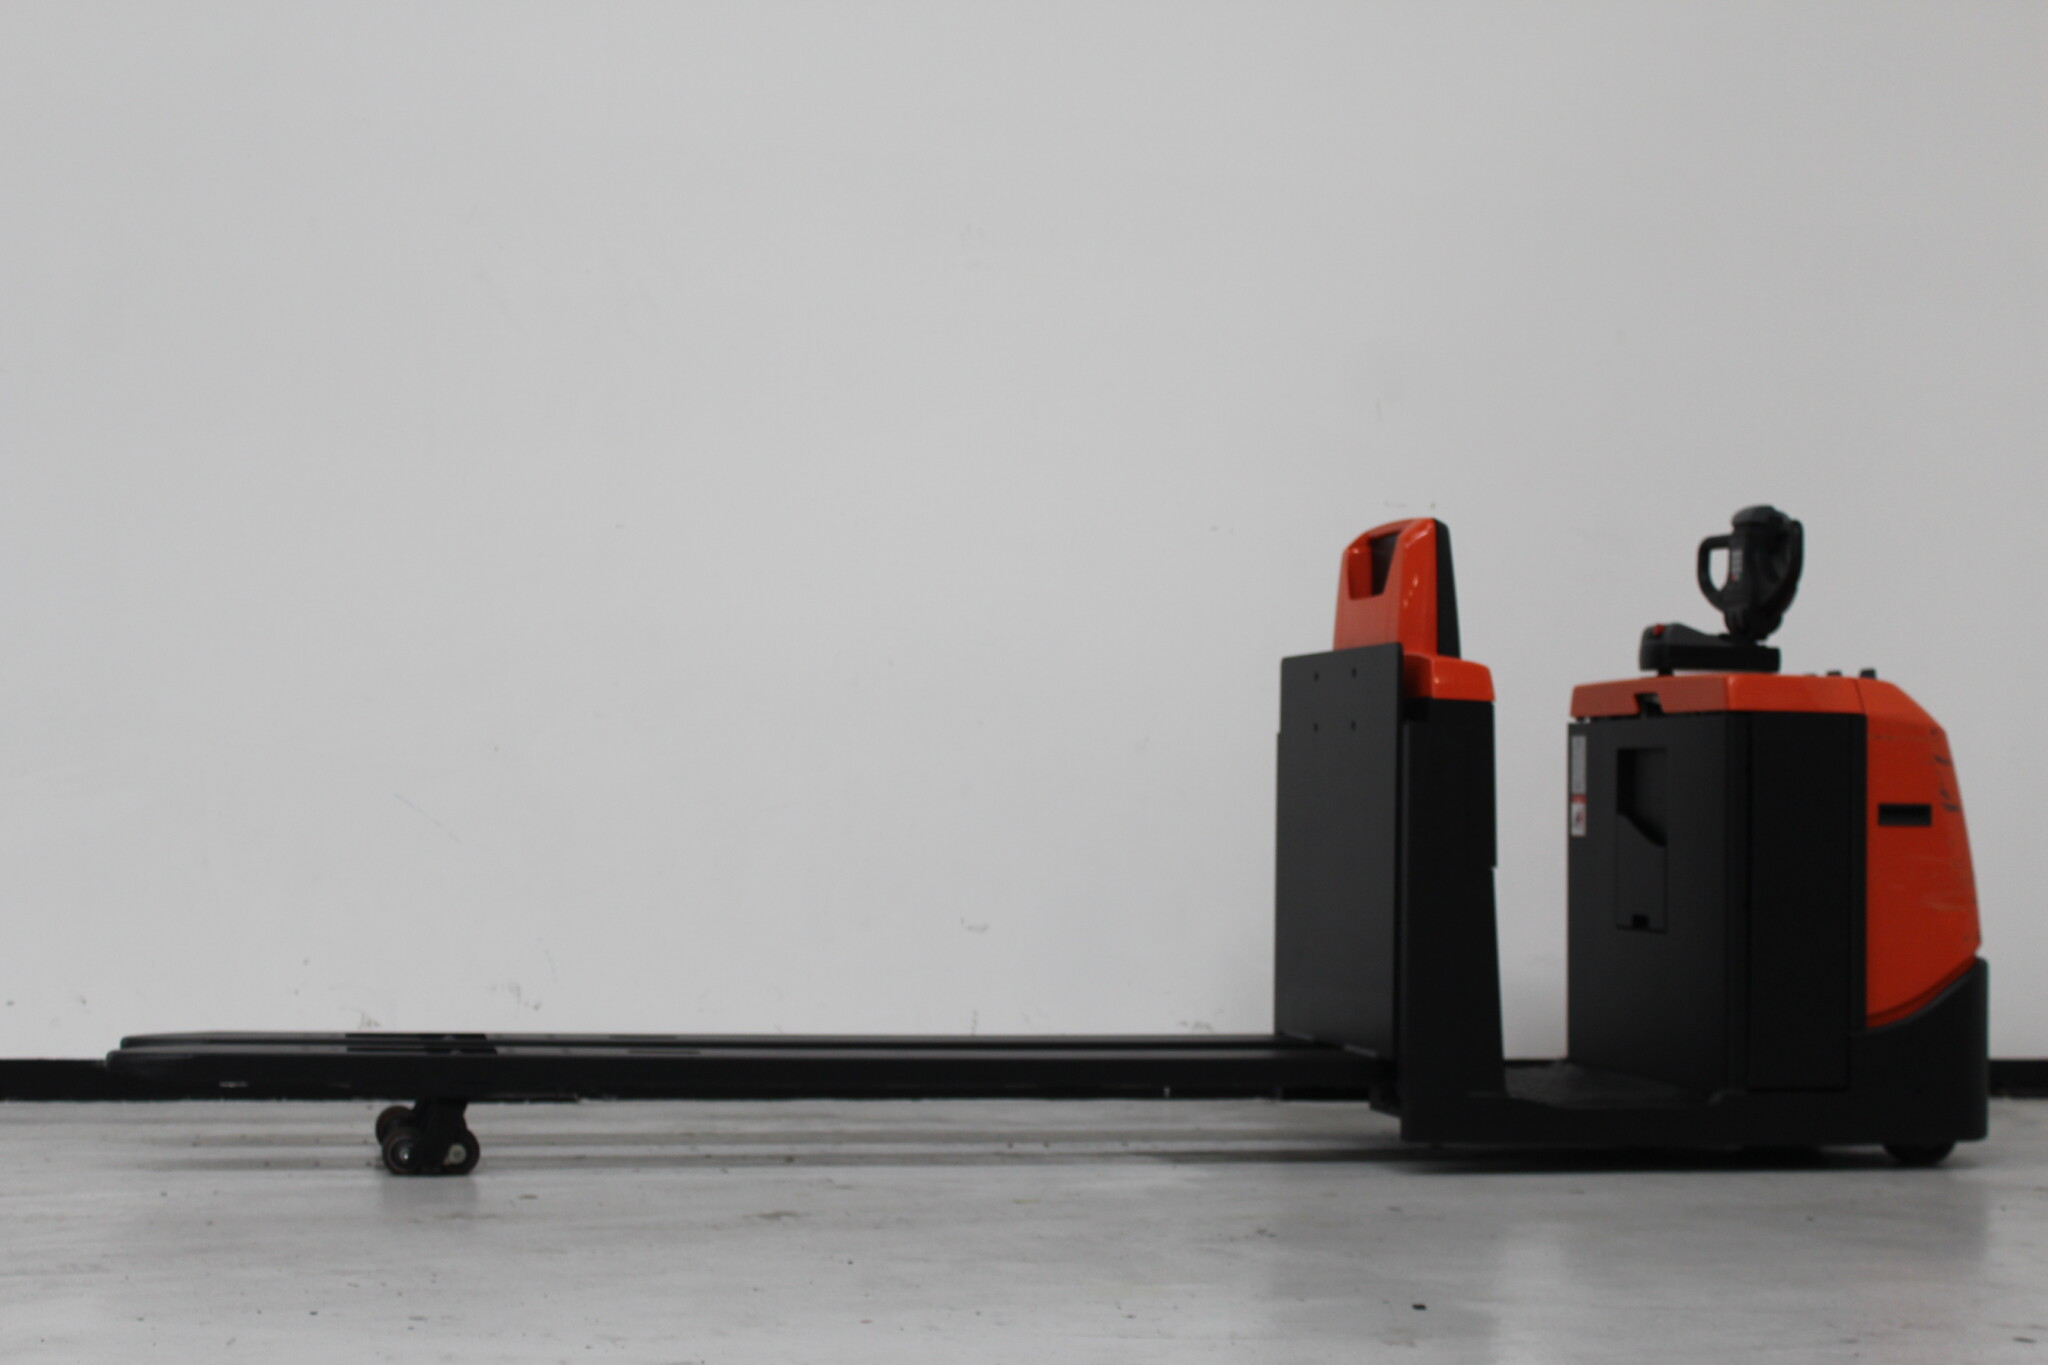 Toyota-Gabelstapler-59840 1605018766 1 scaled